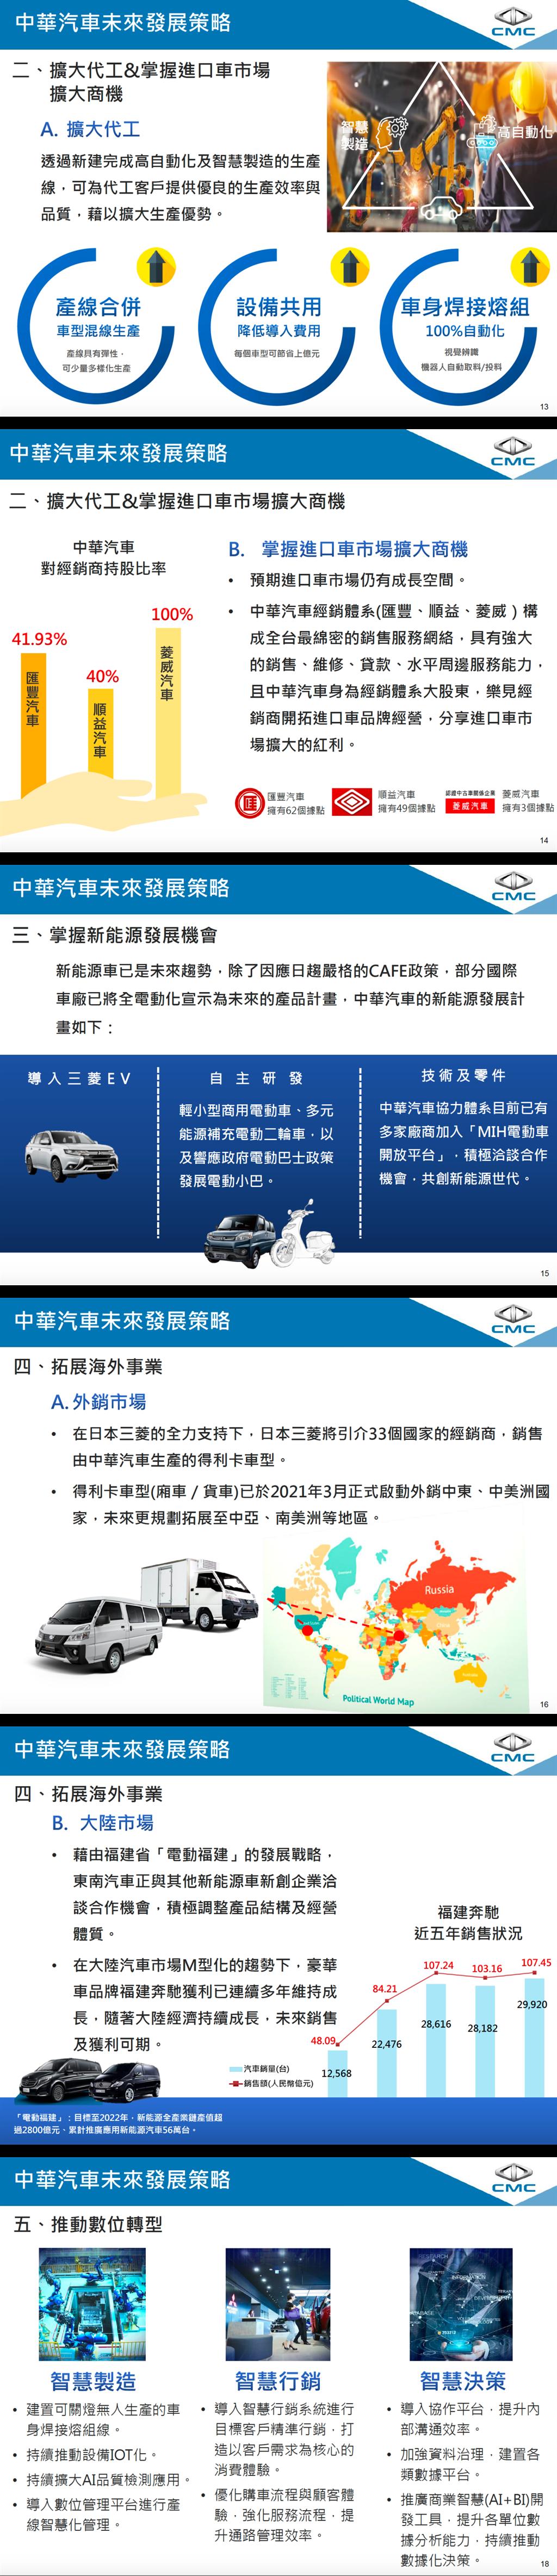 新款純電 e-VERYCA 客車 6 月販售,中華汽車未來將佈局「電動化」產品線